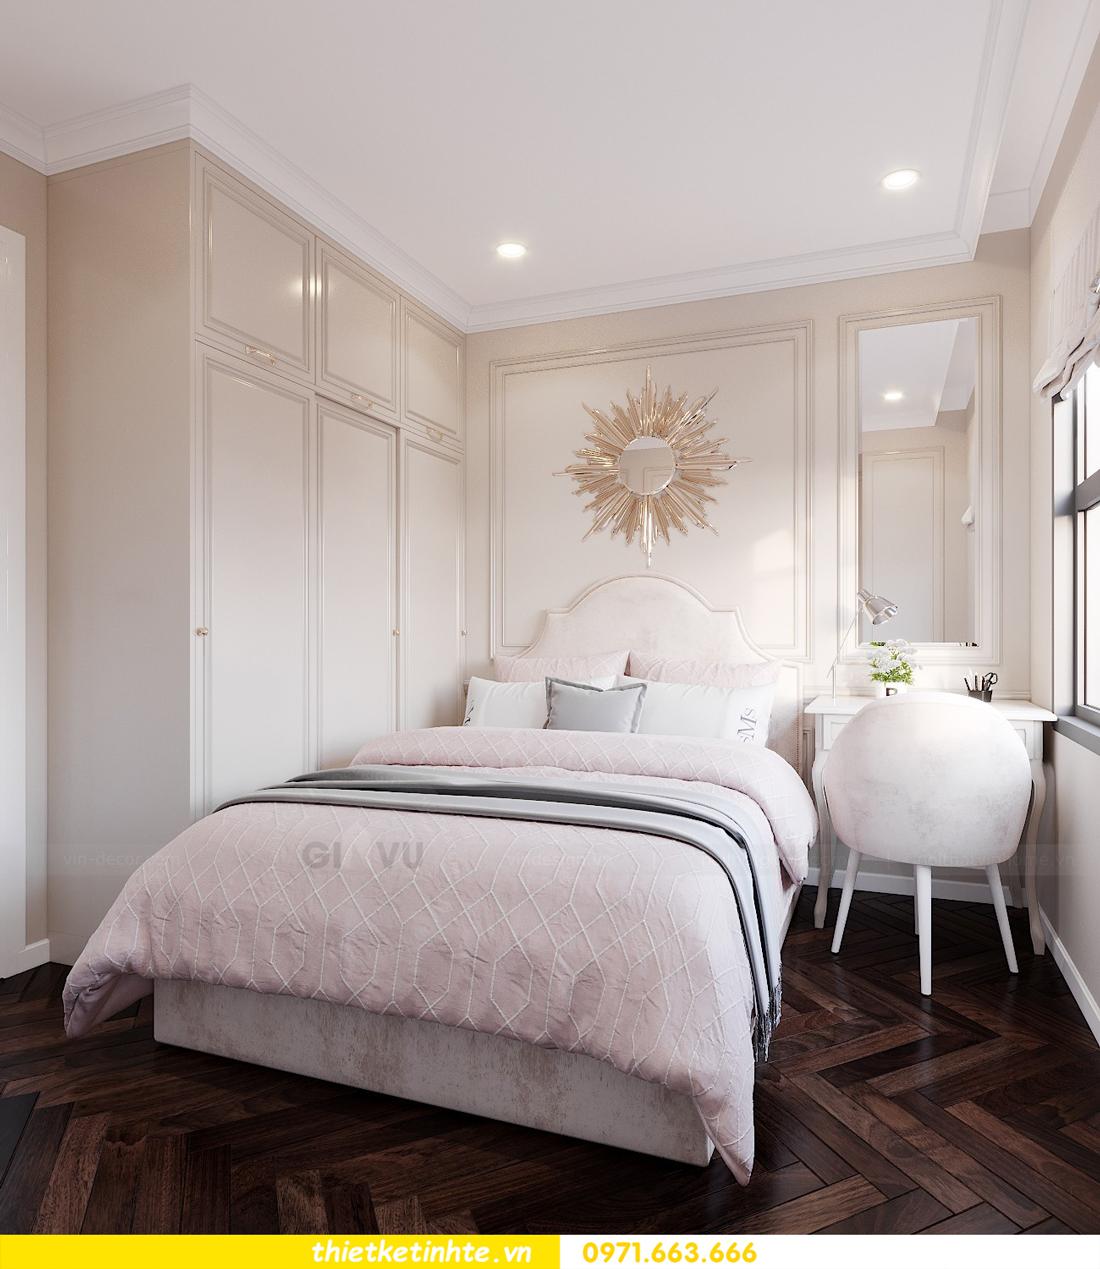 thiết kế nội thất chung cư DCapitale căn 3 ngủ sang trọng tinh tế 09